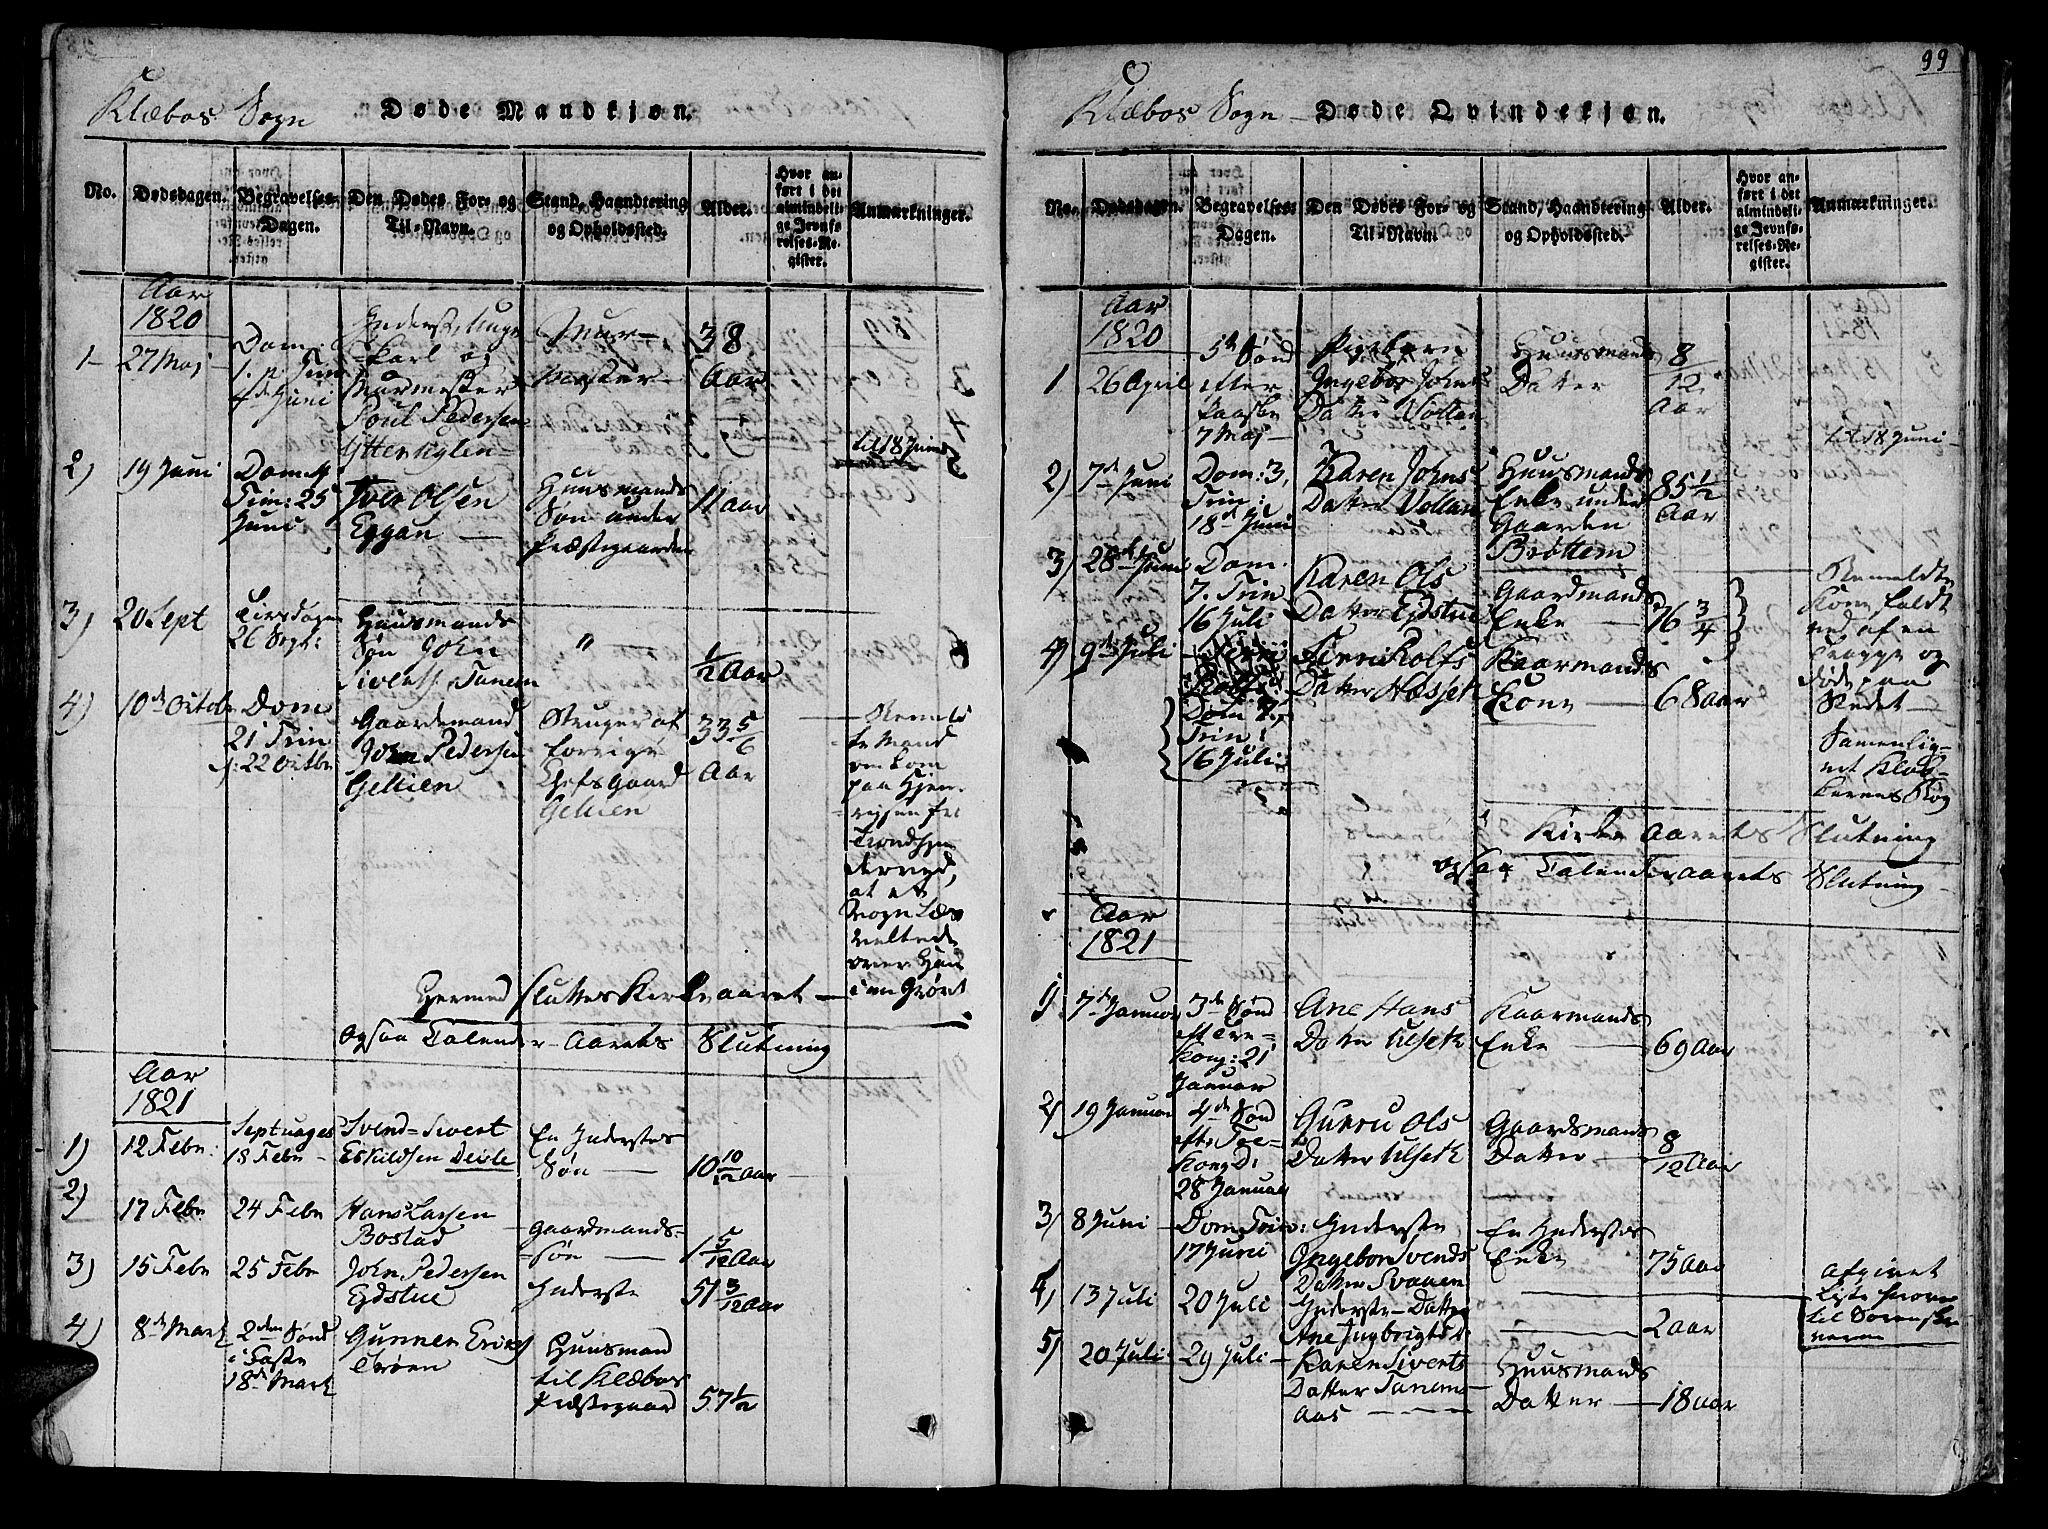 SAT, Ministerialprotokoller, klokkerbøker og fødselsregistre - Sør-Trøndelag, 618/L0439: Ministerialbok nr. 618A04 /1, 1816-1843, s. 99